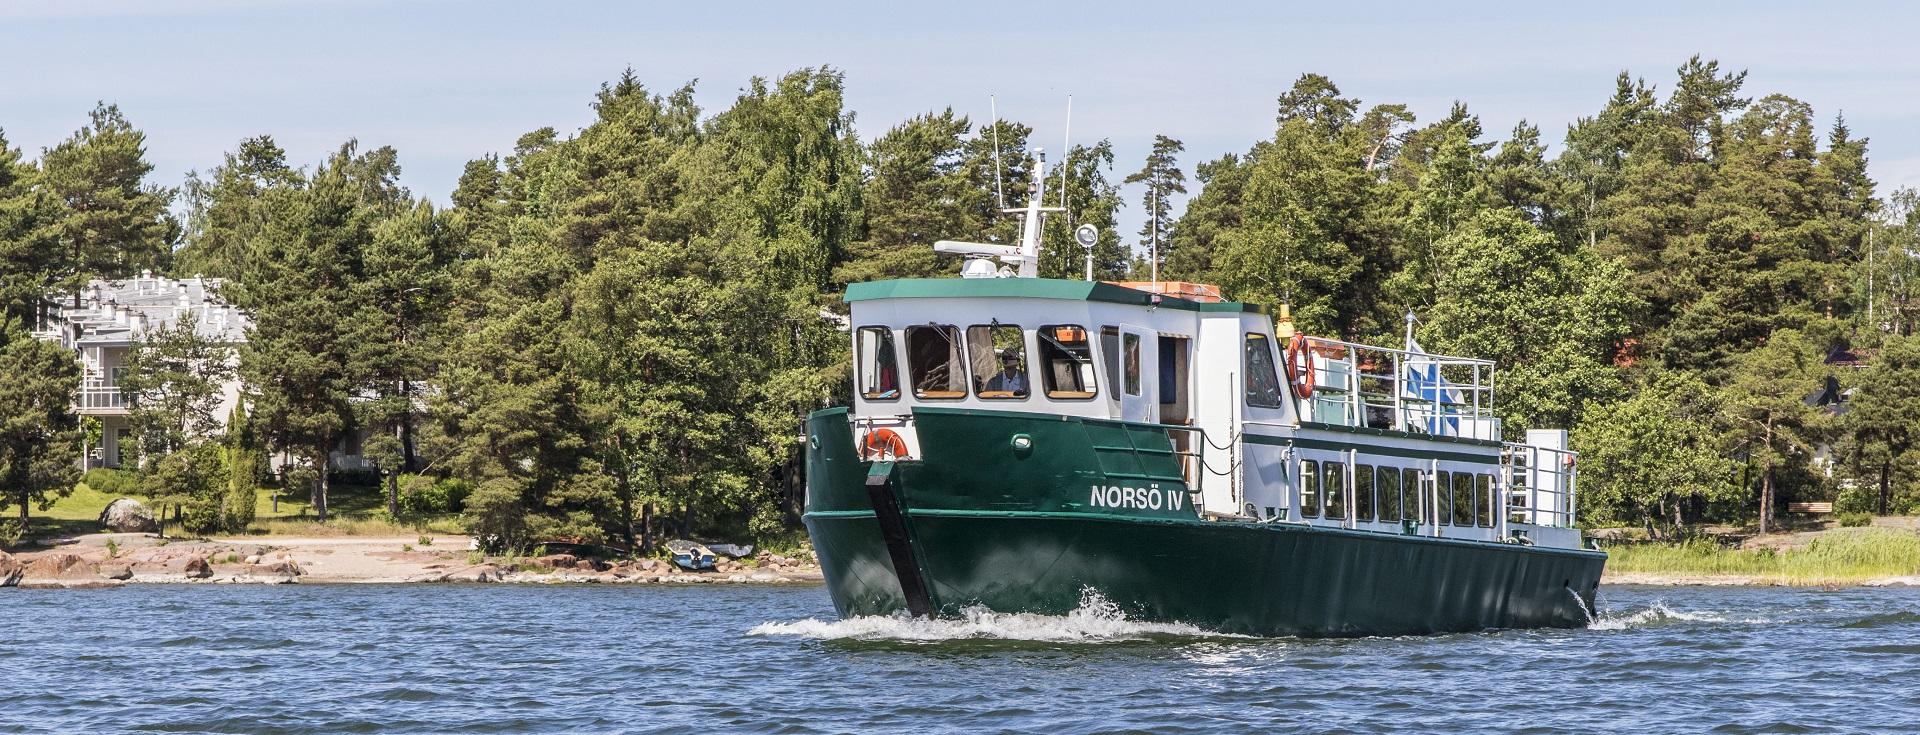 Kuvistuskuva: reittivene merellä.